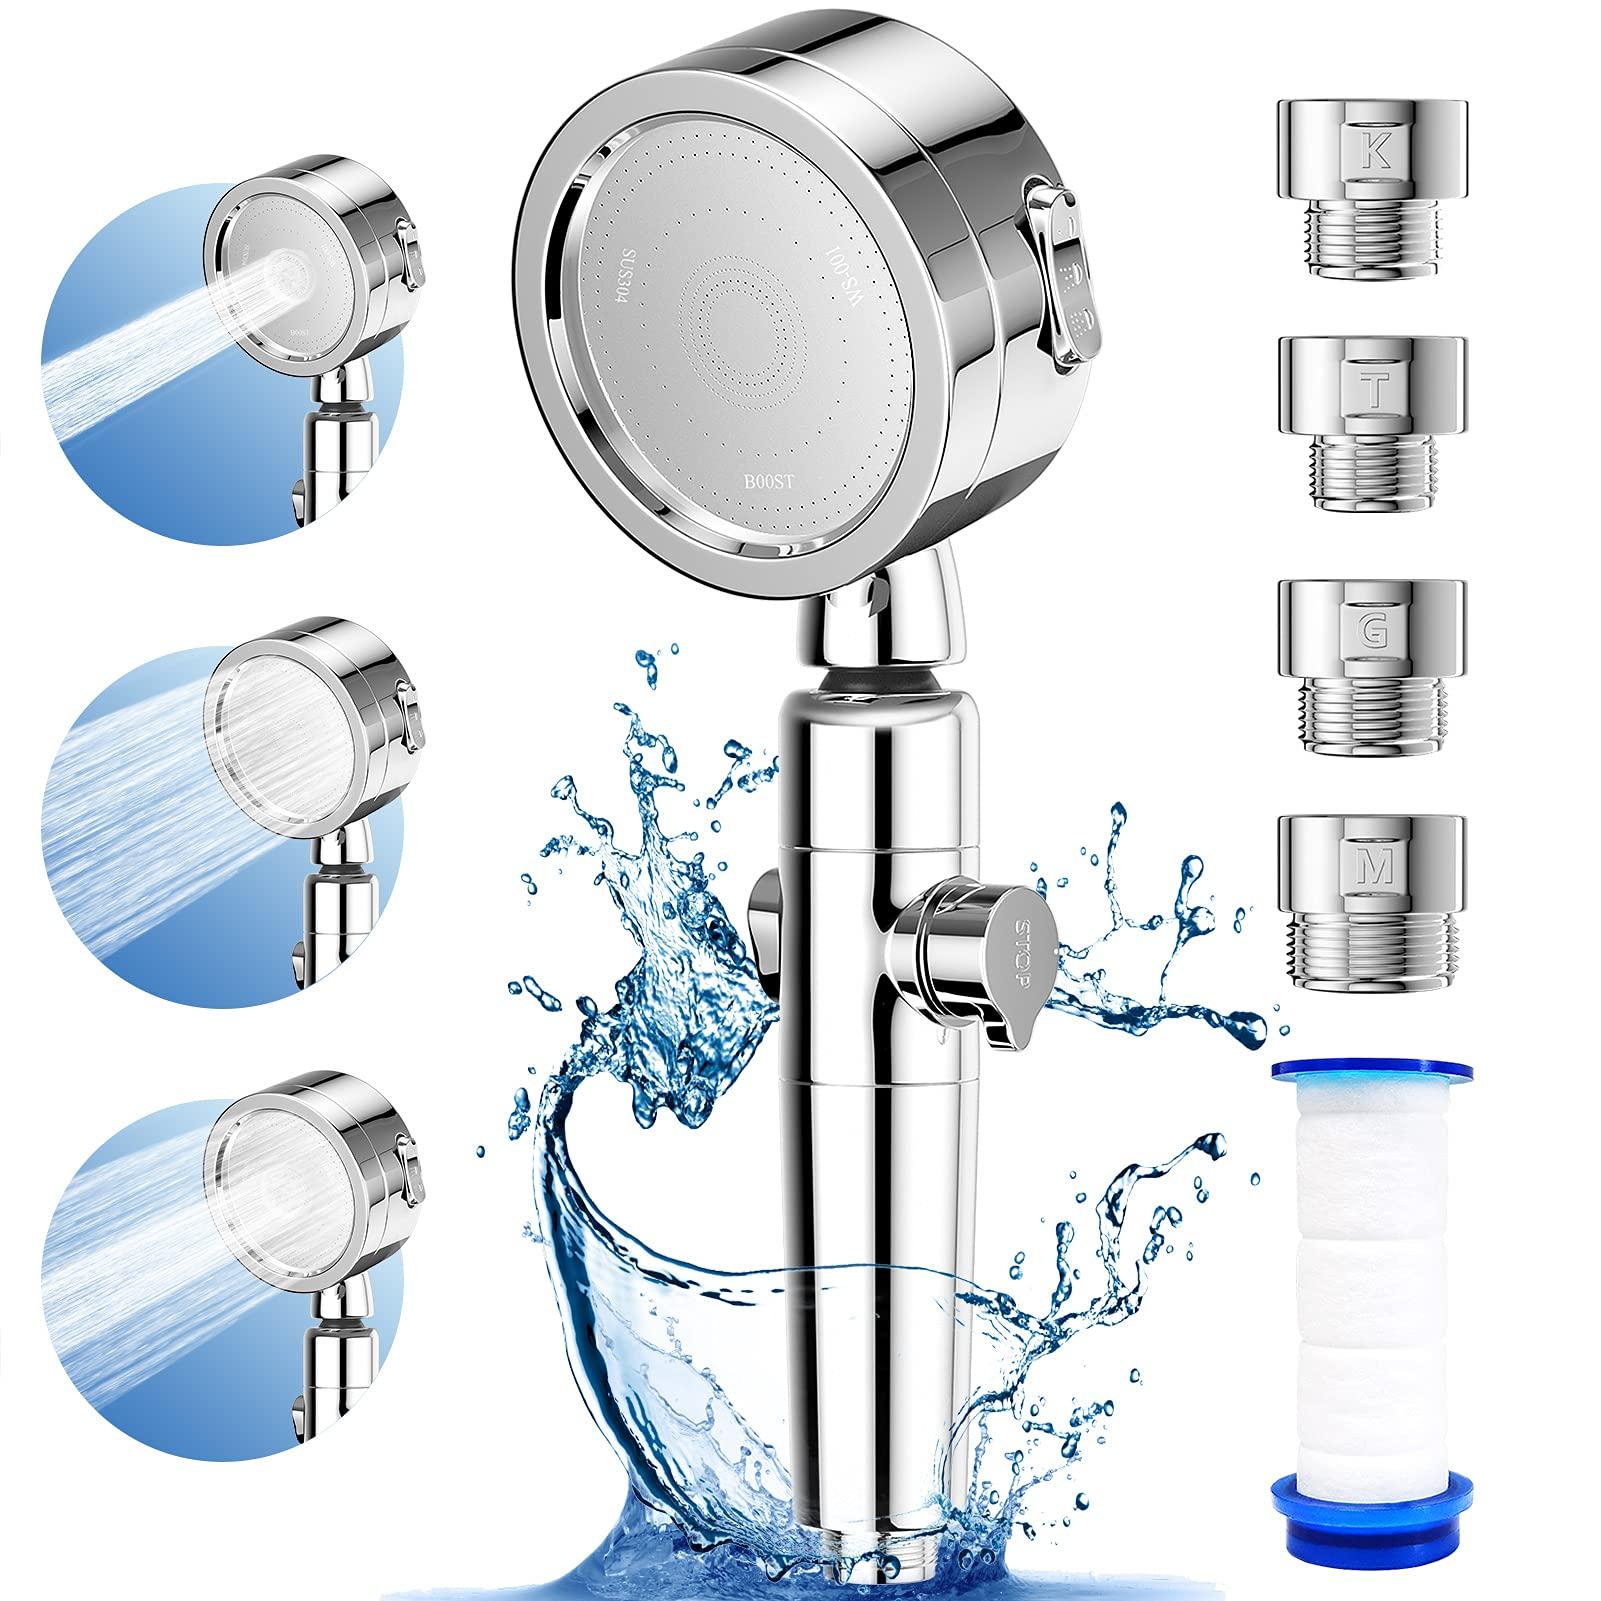 シャワーヘッド 増圧 80%節水シャワープロ 浄水 塩素除去 極細水流 しゃわーへっど 高水圧 角度調整 3階段モード 止水ボタン 取付簡単 広幅適用 水漏れ防止テープ 国際汎用基準G1/2の規格 アダプター付(シルバー); セール価格: ¥2,499